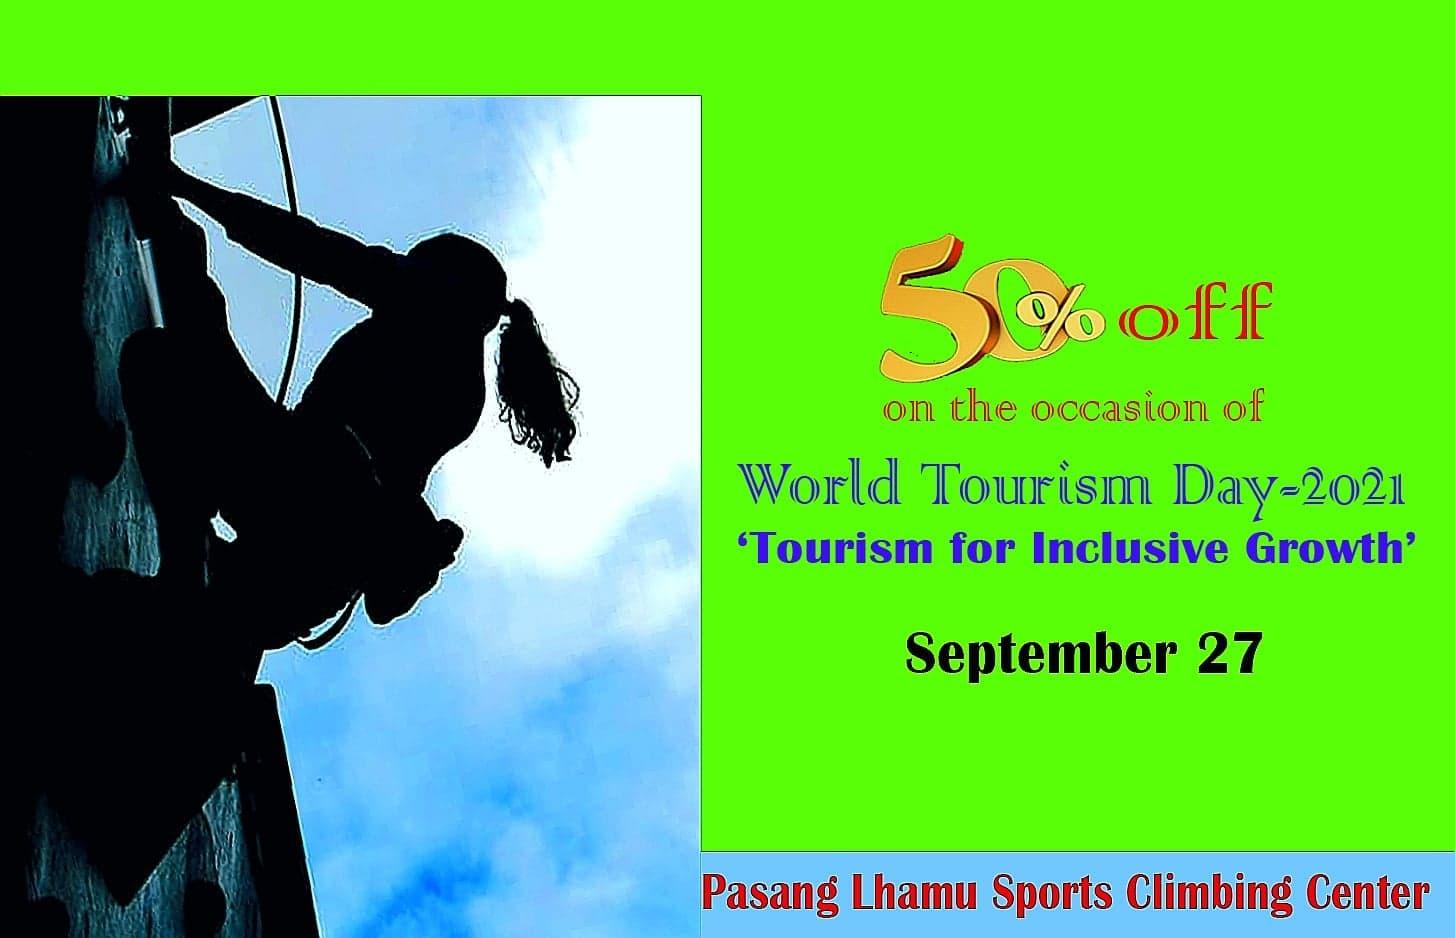 बिश्व पर्यटन दिवसमा पासाङ ल्हामु वाल क्लाइम्बिङ सेन्टरमा ५० प्रतिशत छुट